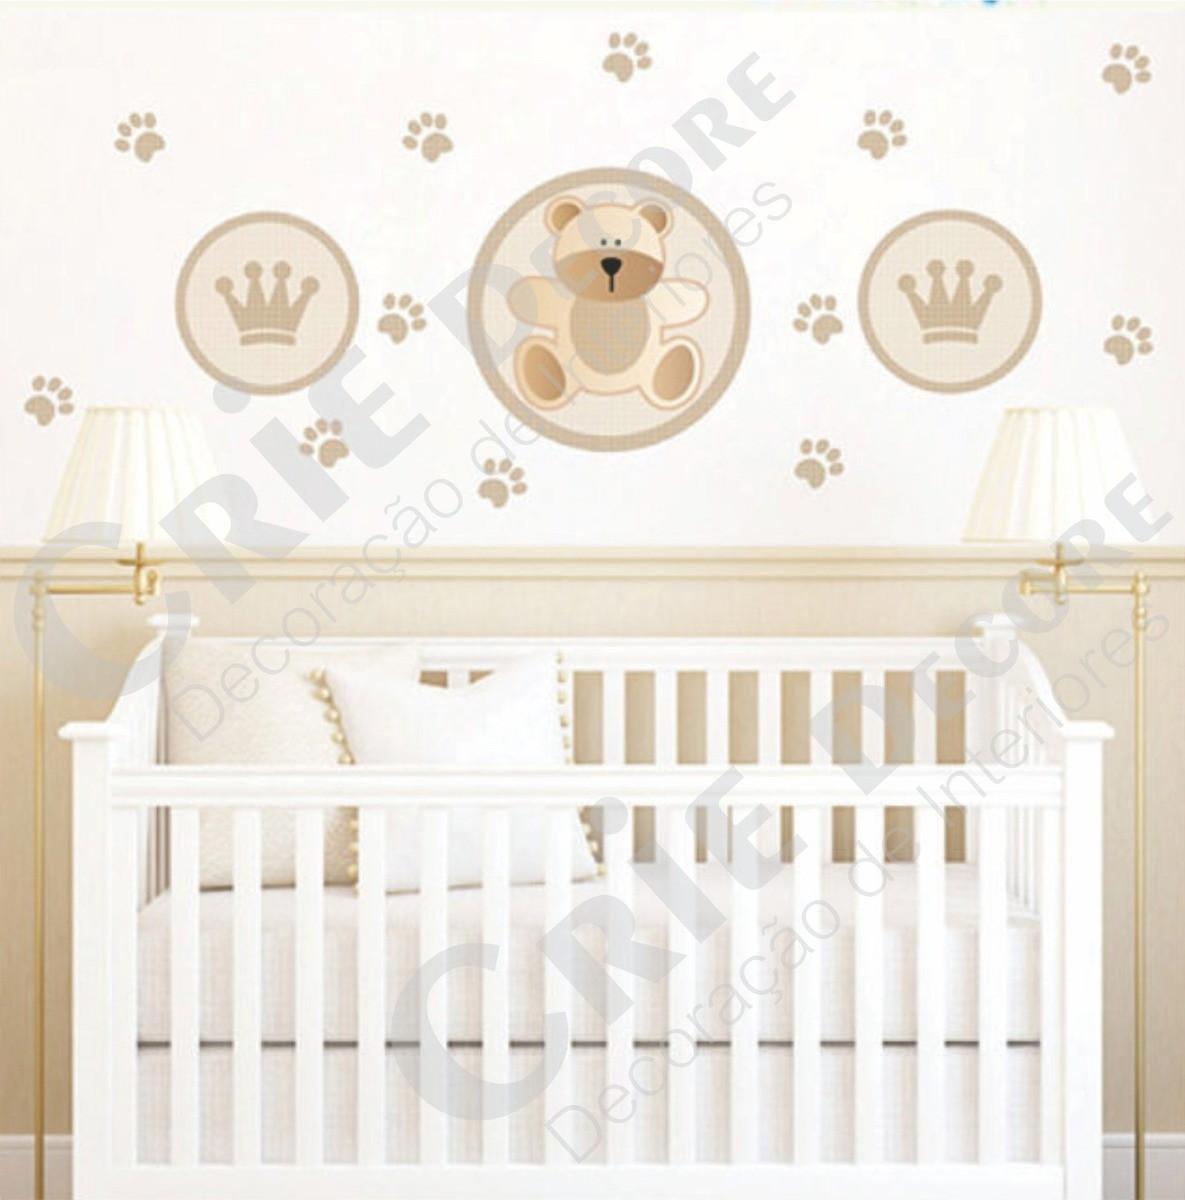 Adesivo De Parede Urso Rei Baby Crie Decore Elo7 ~ Adesivos De Parede Para Quarto De Bebe Ursinho